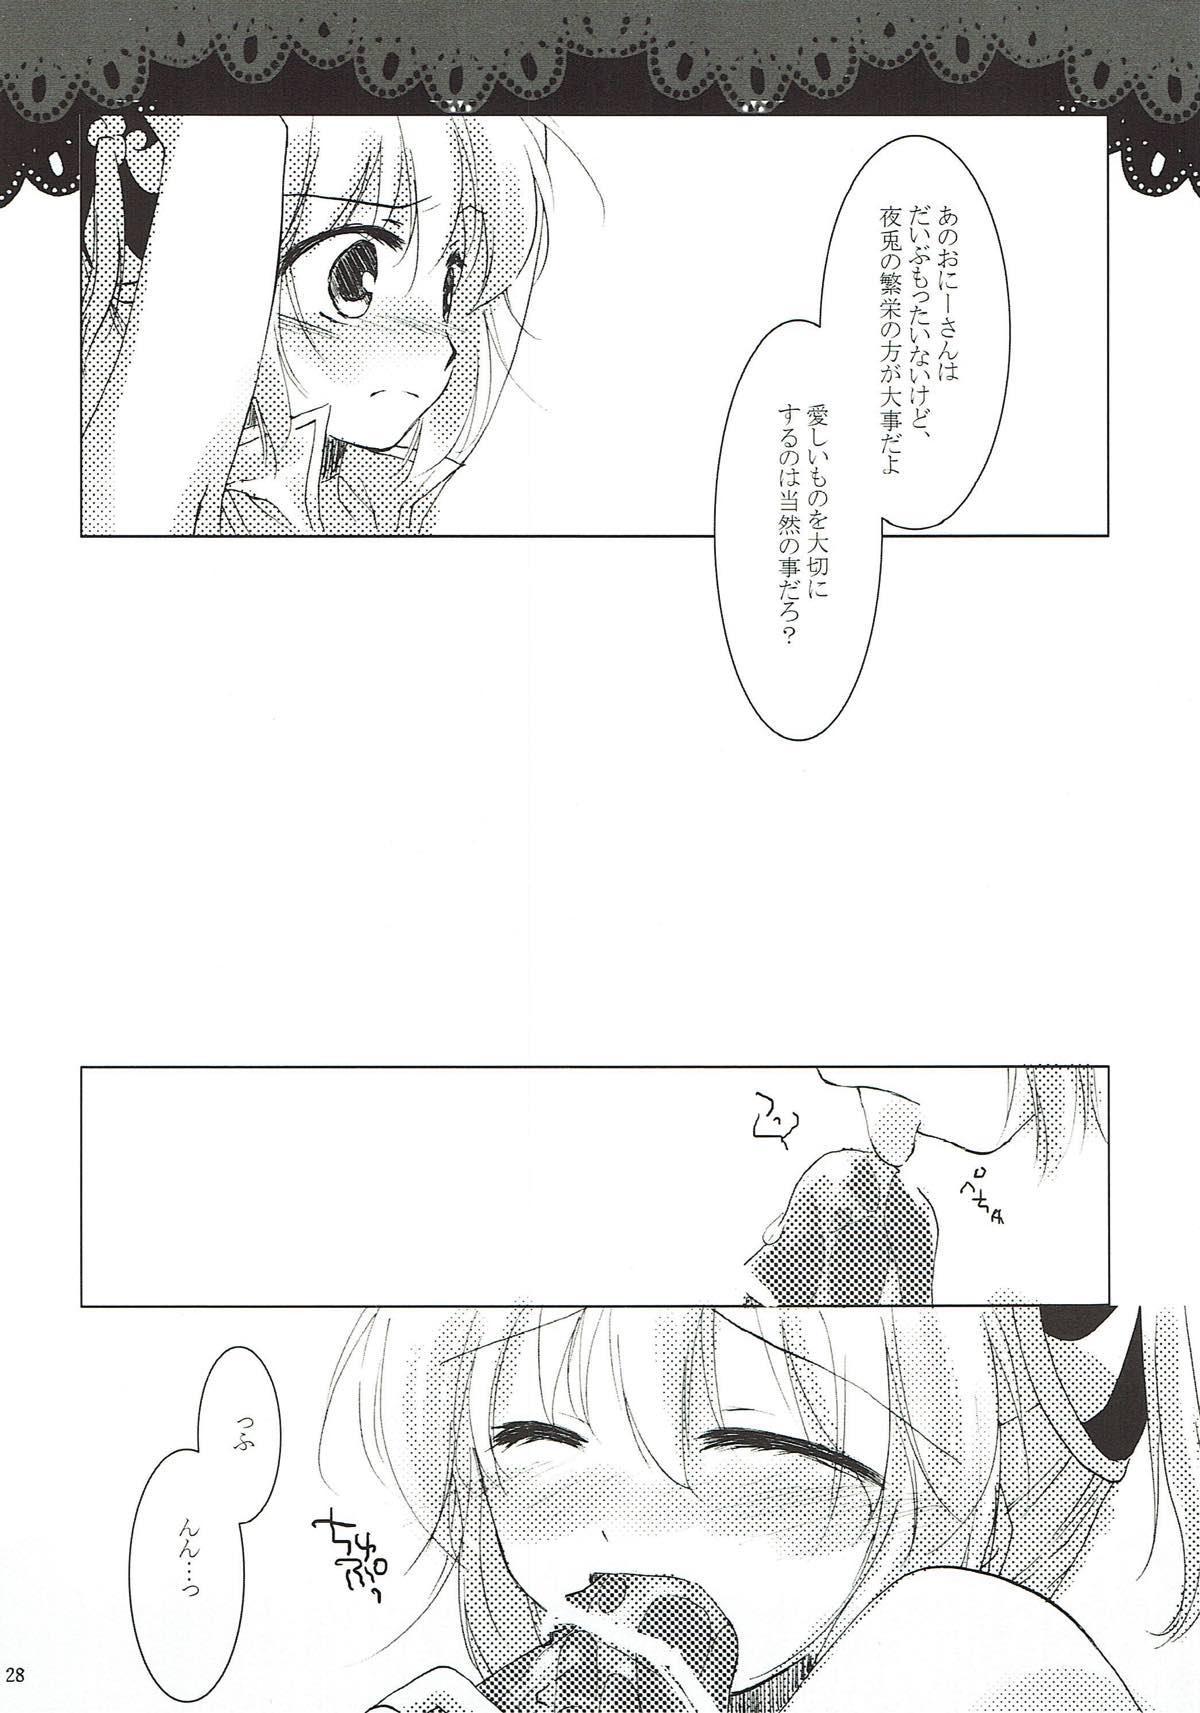 Kageriyuku Tsuki ni, Kuchizuke o. 25